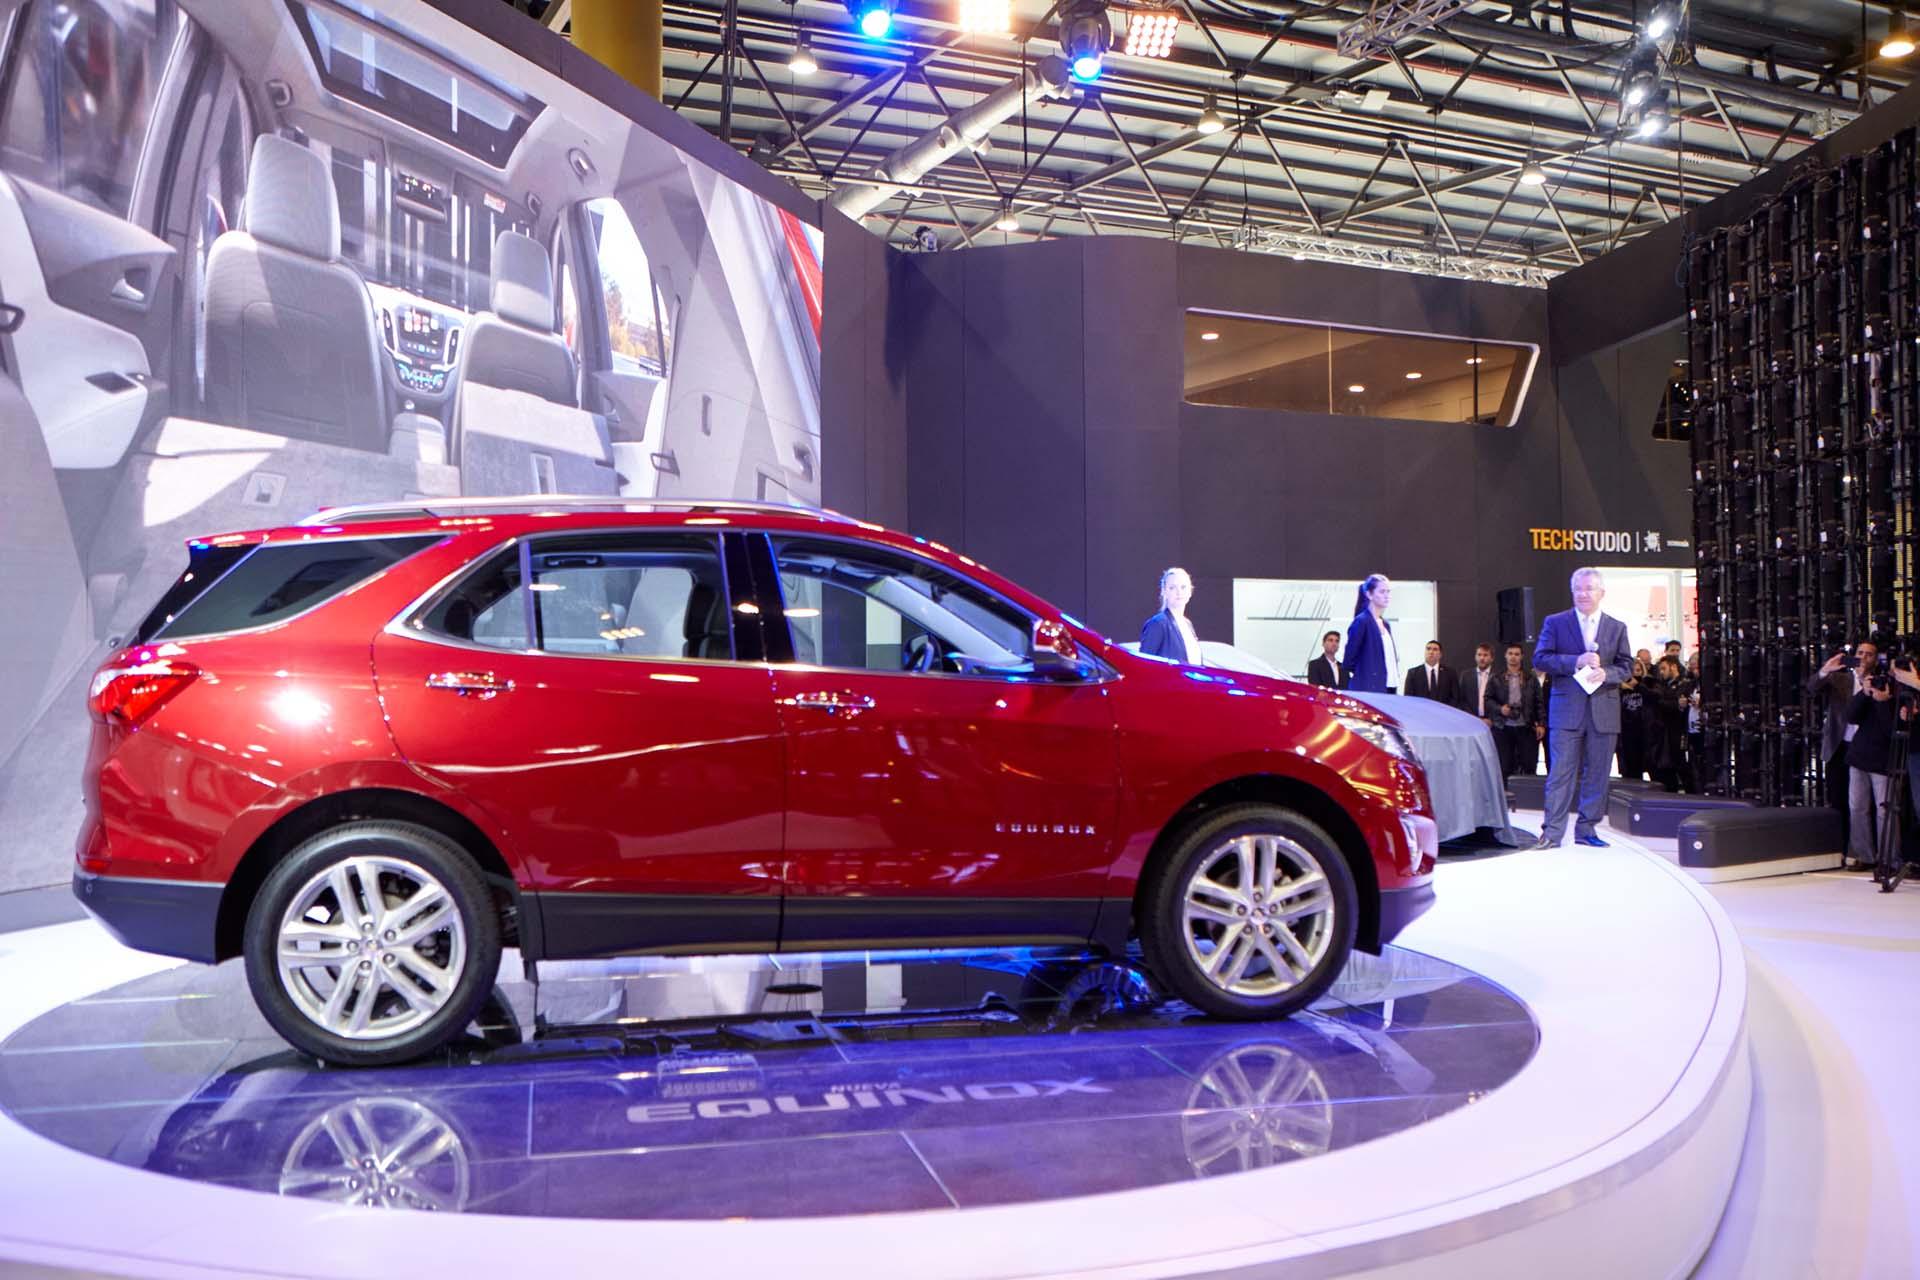 Una de las novedades del Salón del Automóvil: la SUV Chevrolet Equinox (GM)